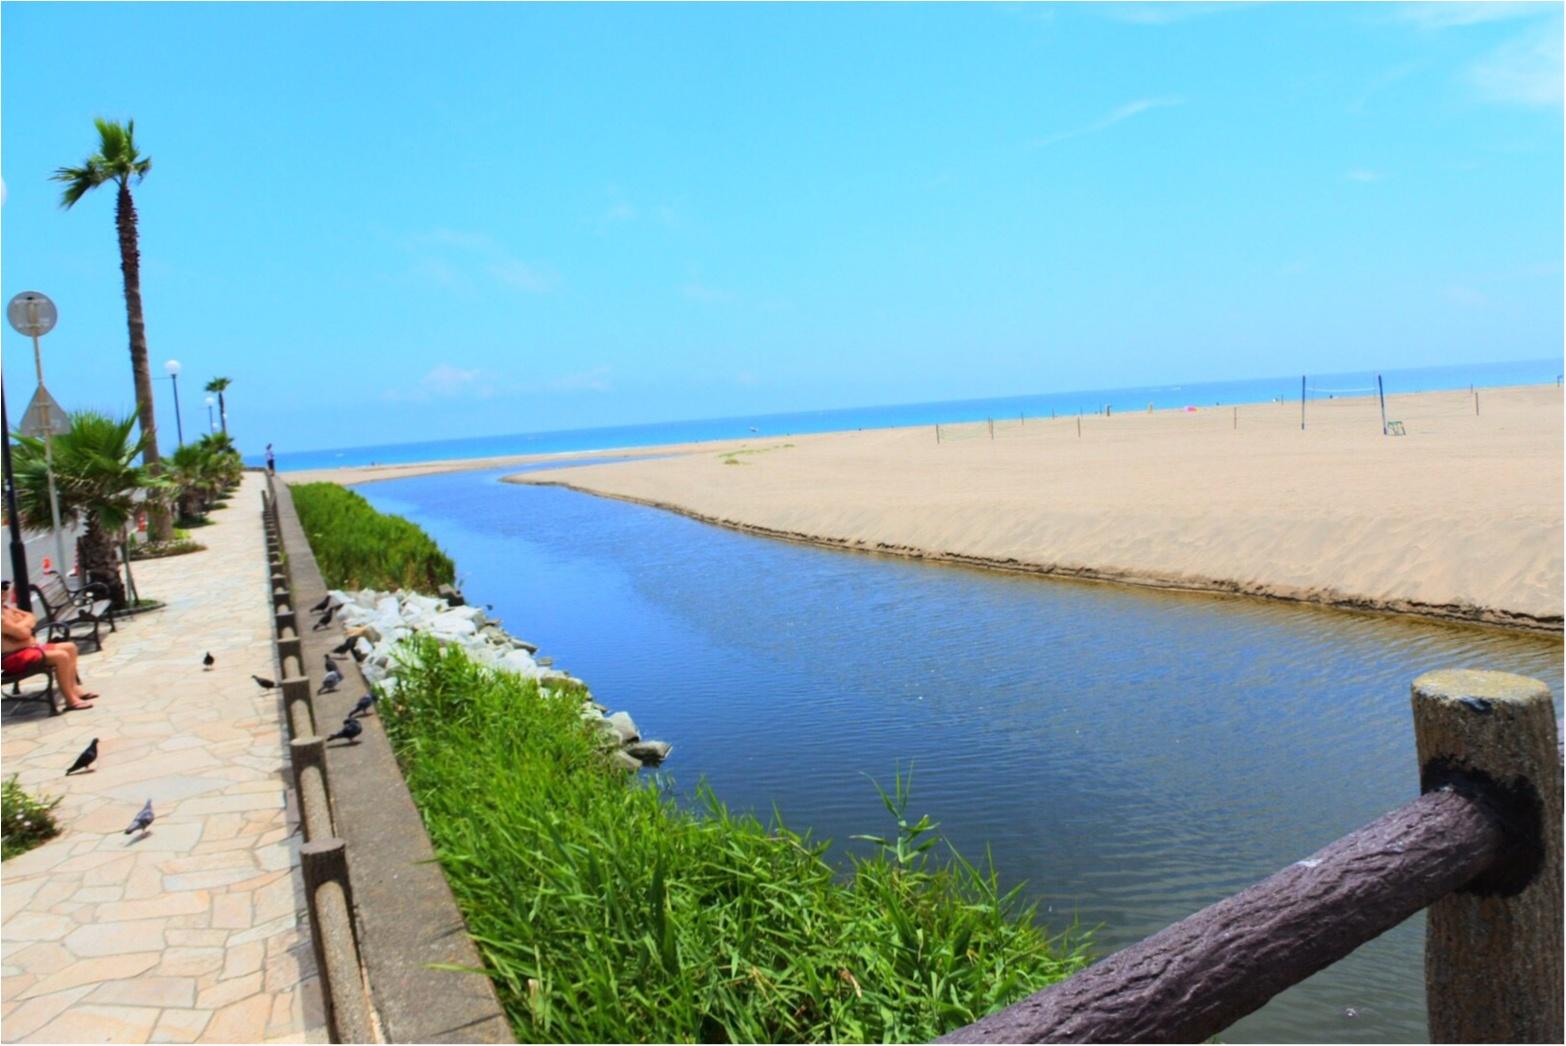 暑い陽射しの海も○○○があれば快適✨あの童謡で有名な【*御宿海岸*】で夏を満喫してきました♪_1